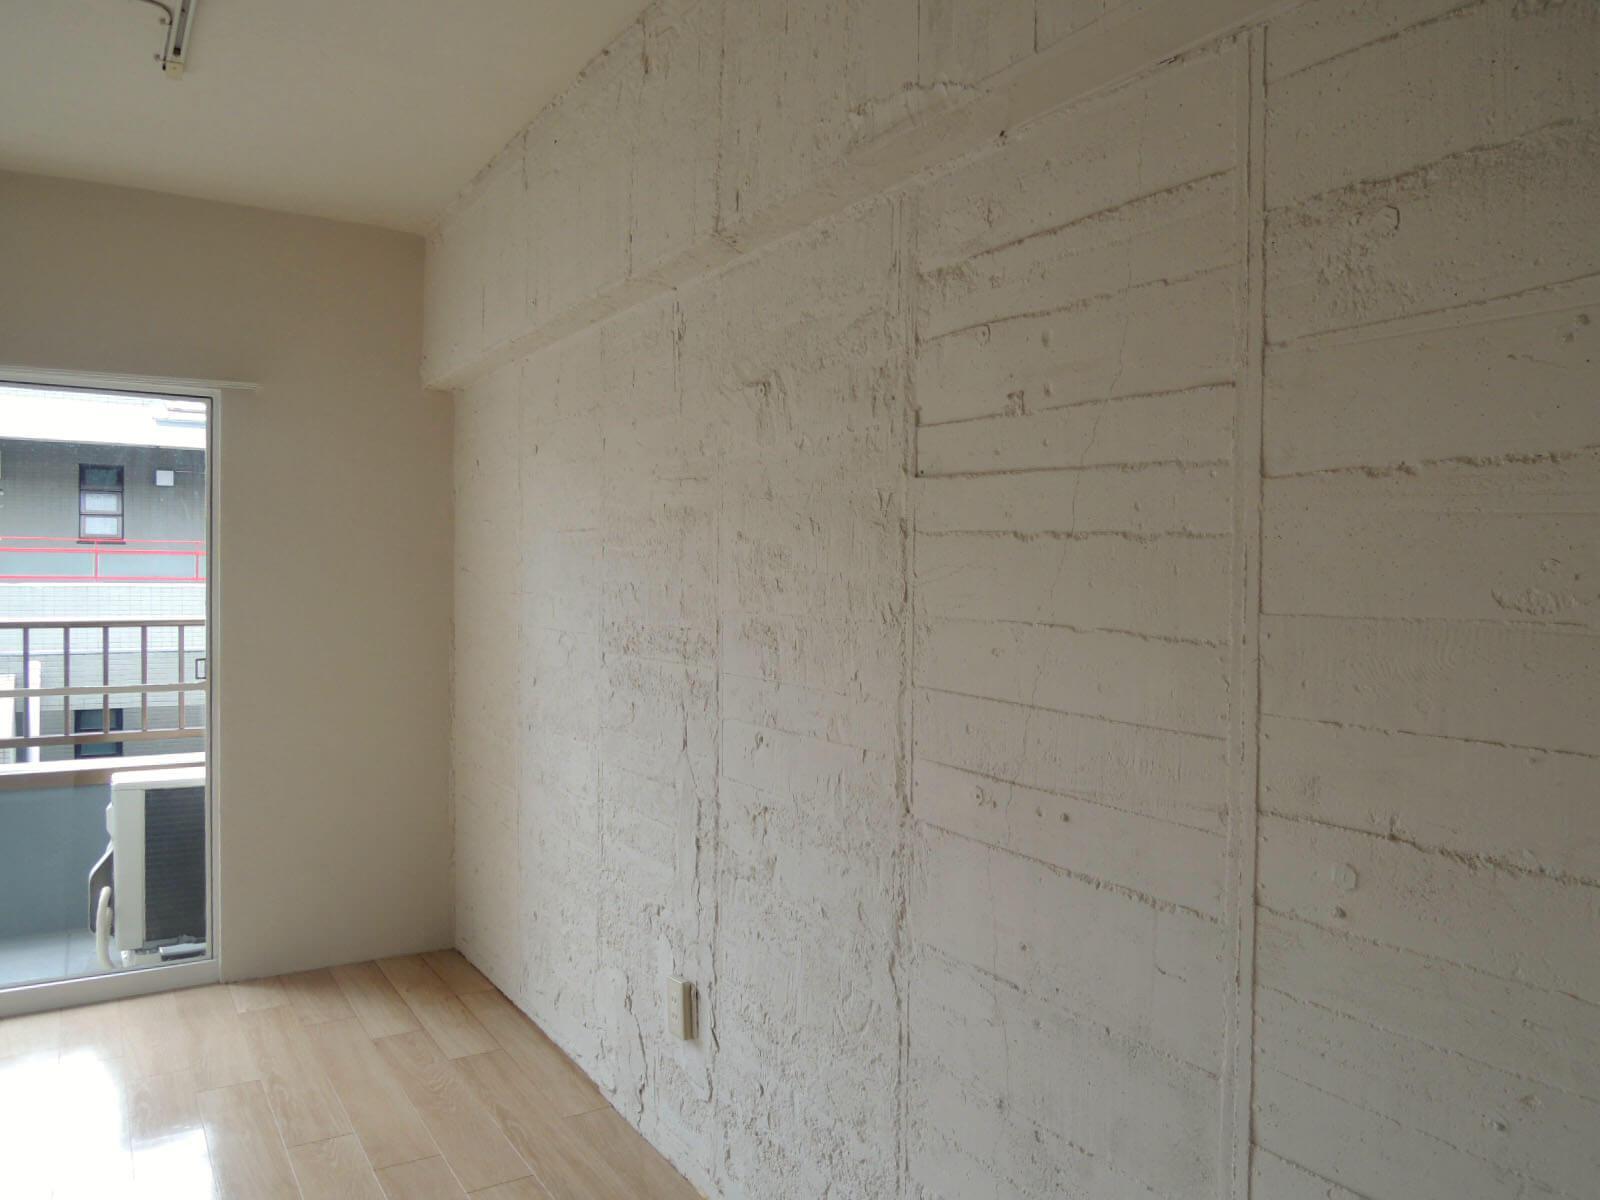 こちら側の壁は板目の荒いテクスチャーがたまりません